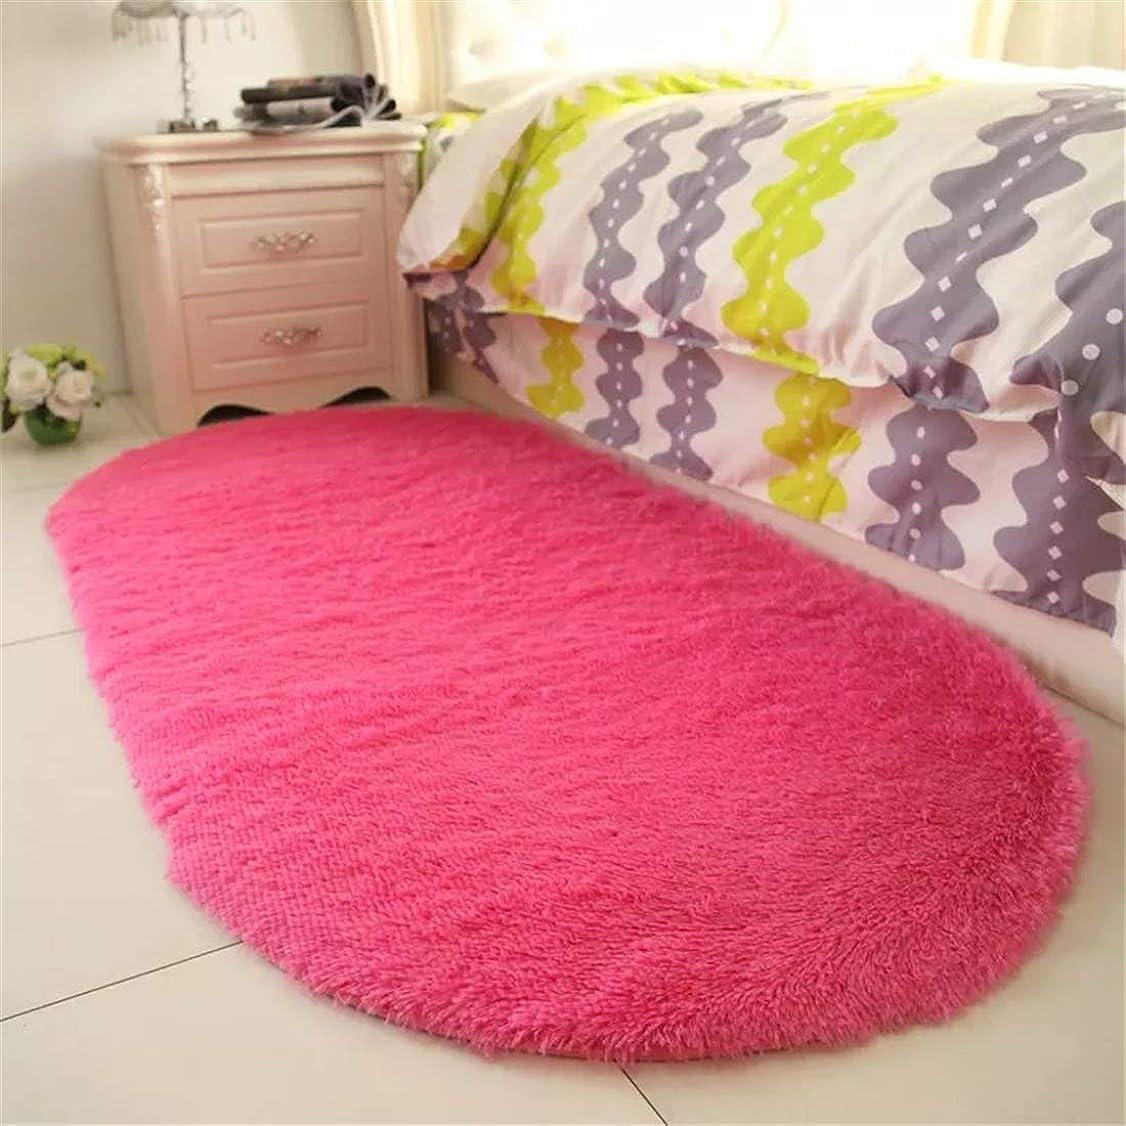 速い痛い牧草地ラグマット タオル地 絨毯 ベージュ 80x160cm 現代のシンプルさ オーバル 厚い絹の髪のかわいい楕円形のカーペットの長い円形のパッドのリビングルームのホームルームのベッドルームのベッドサイドのカーペット 夏 ラグ